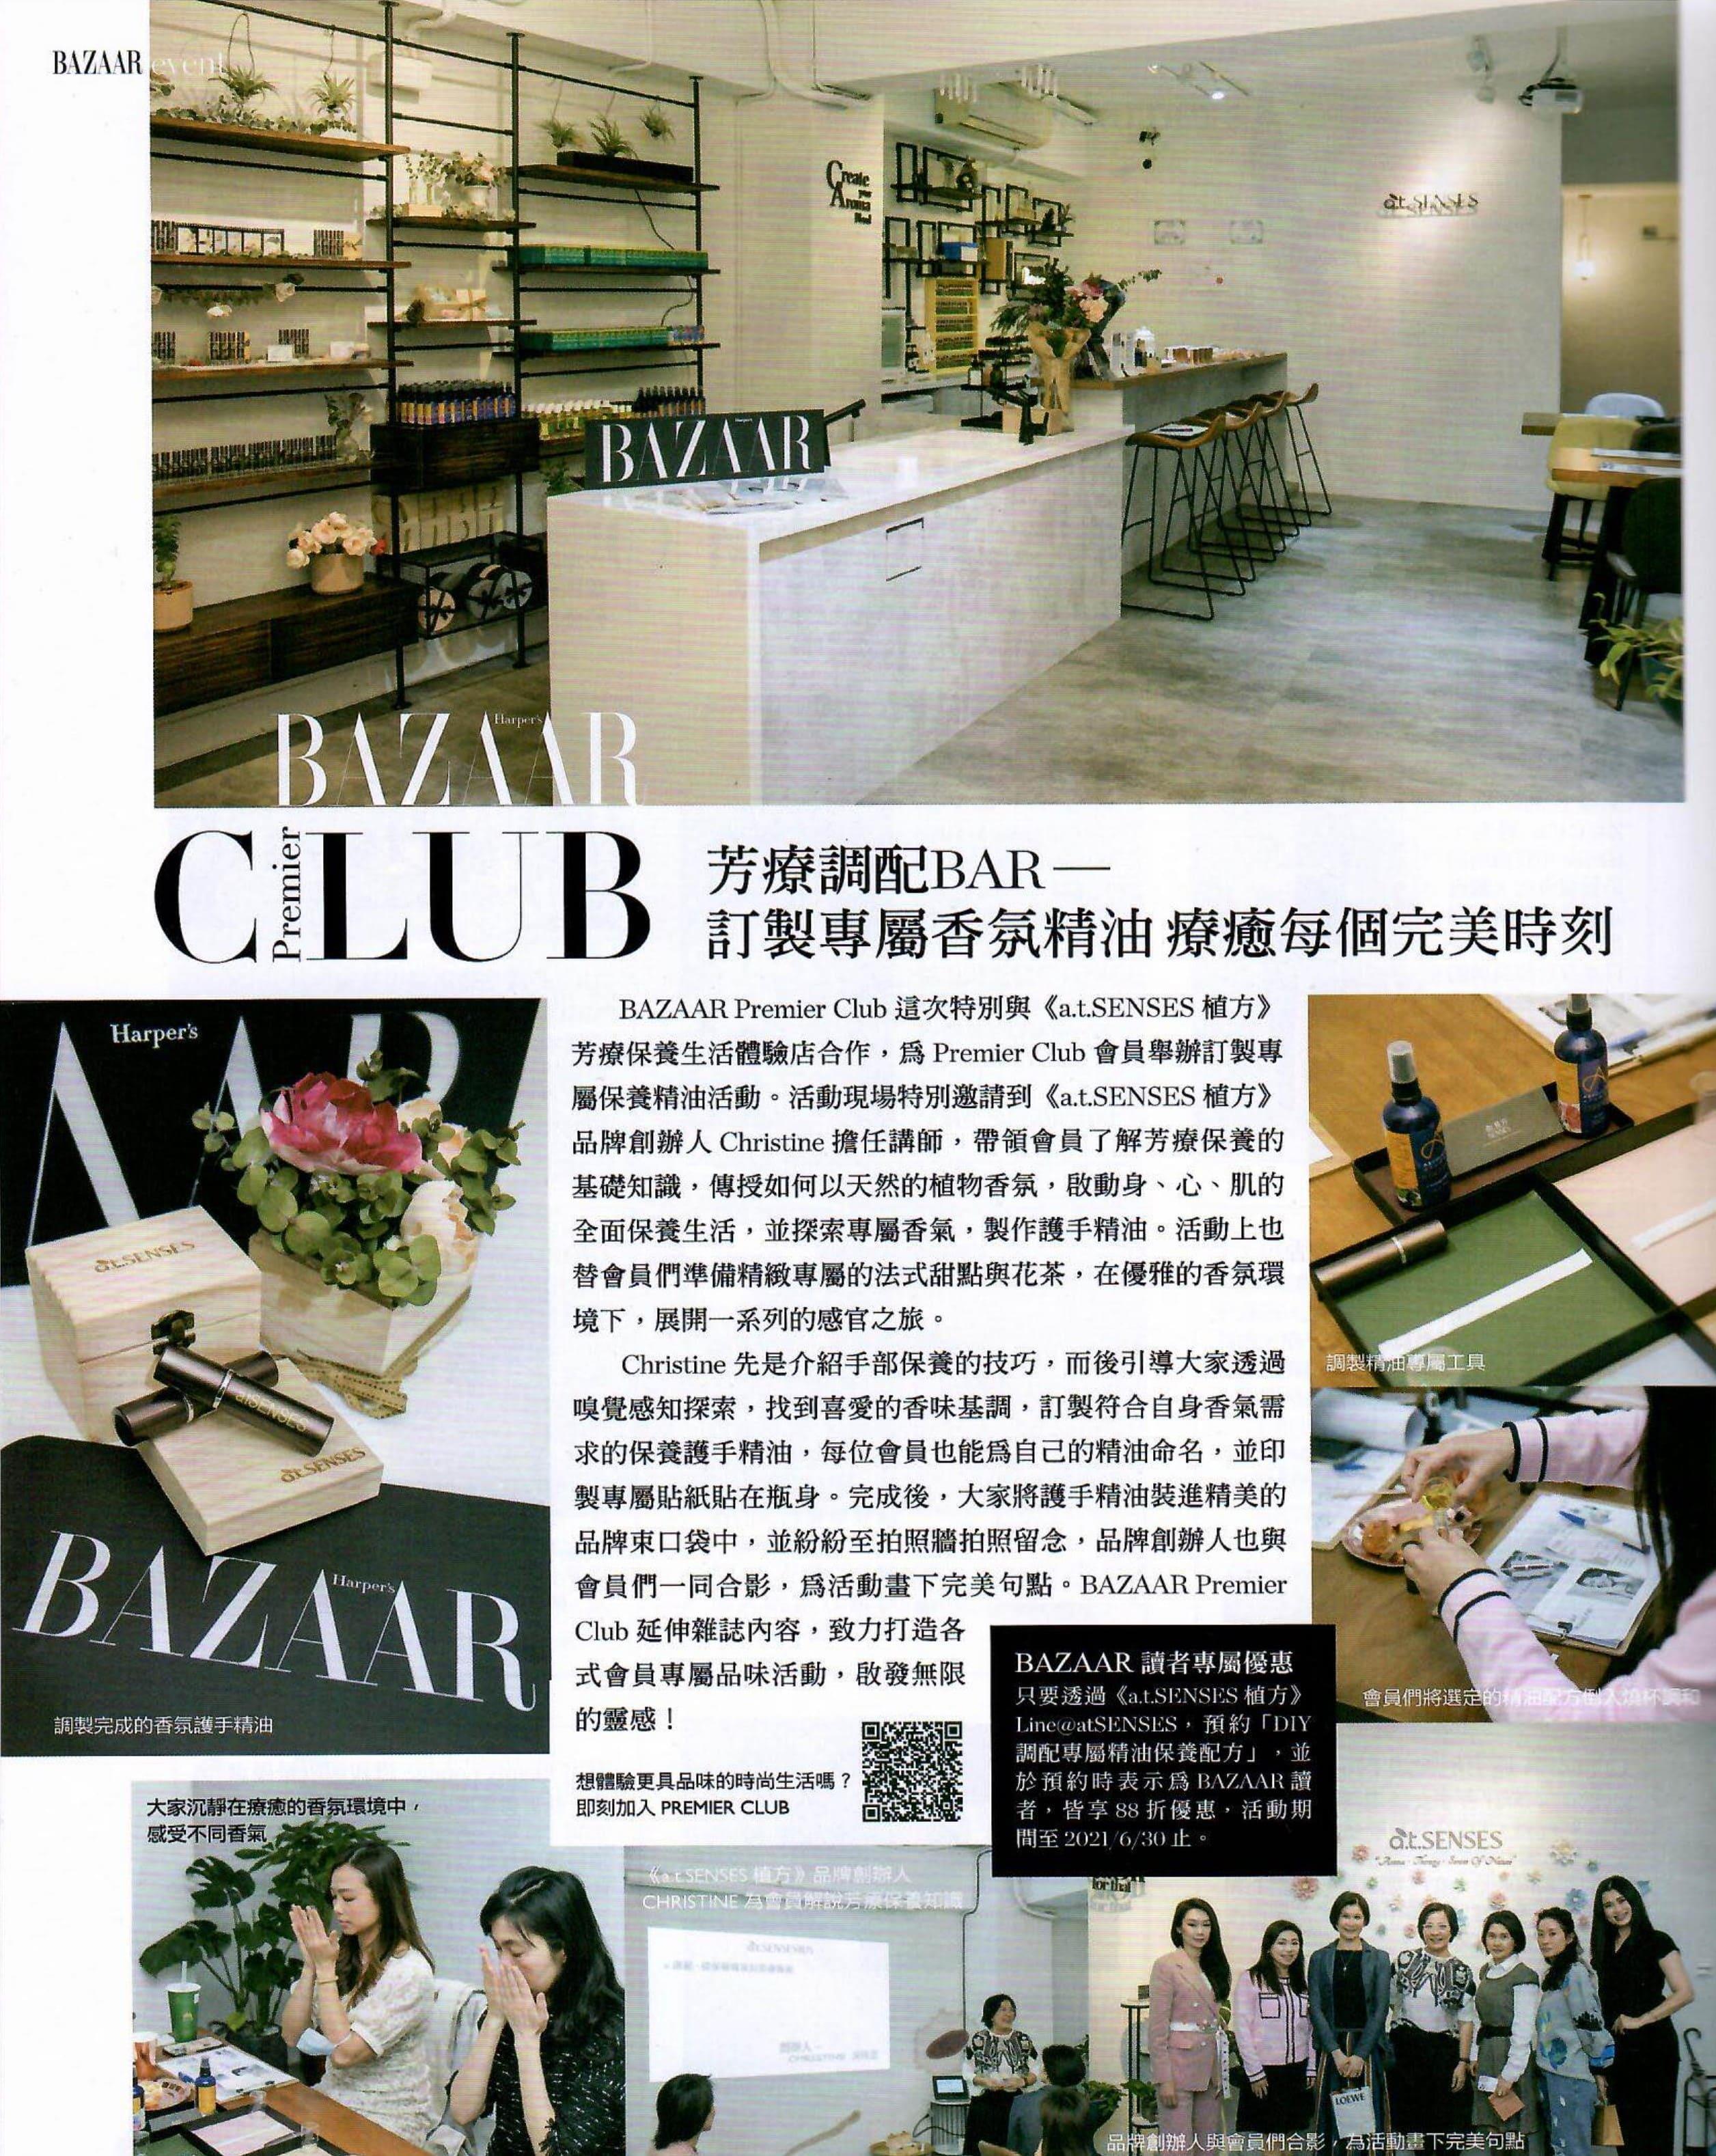 Bazaar雜誌